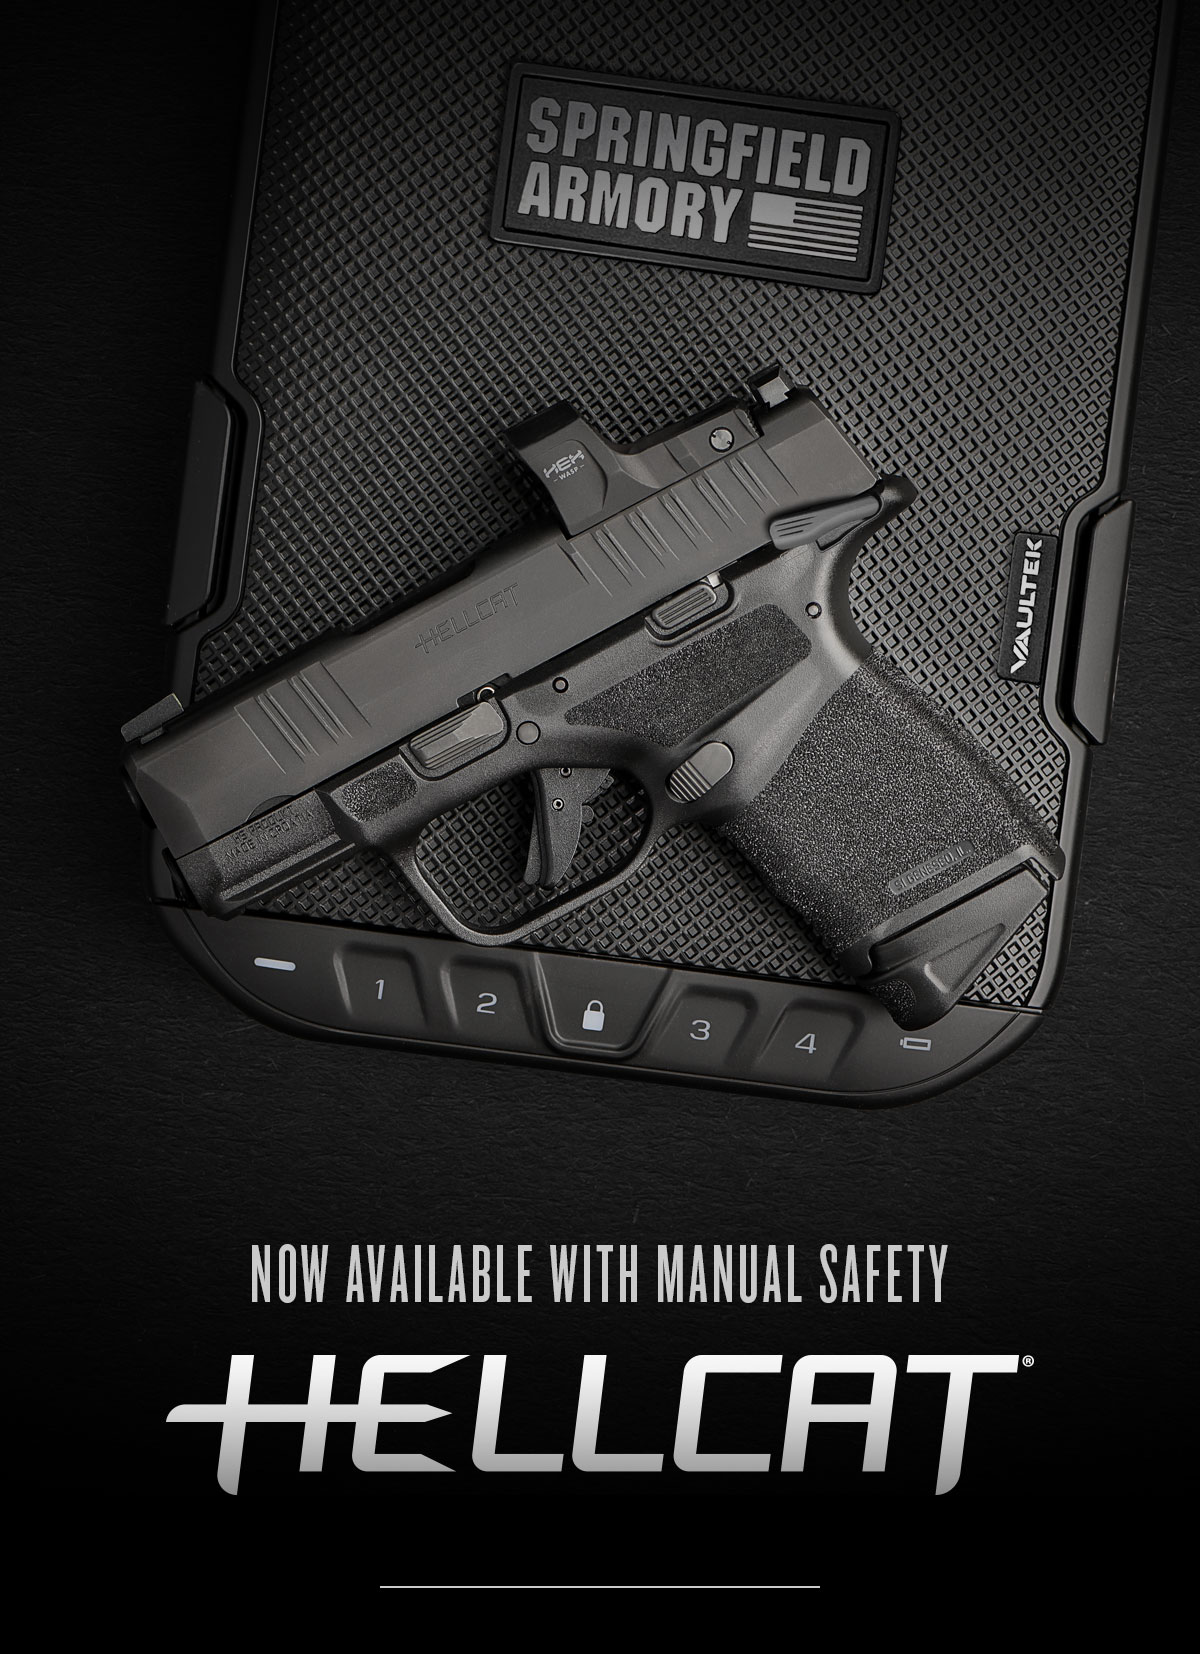 hellcat-manual-safety-header